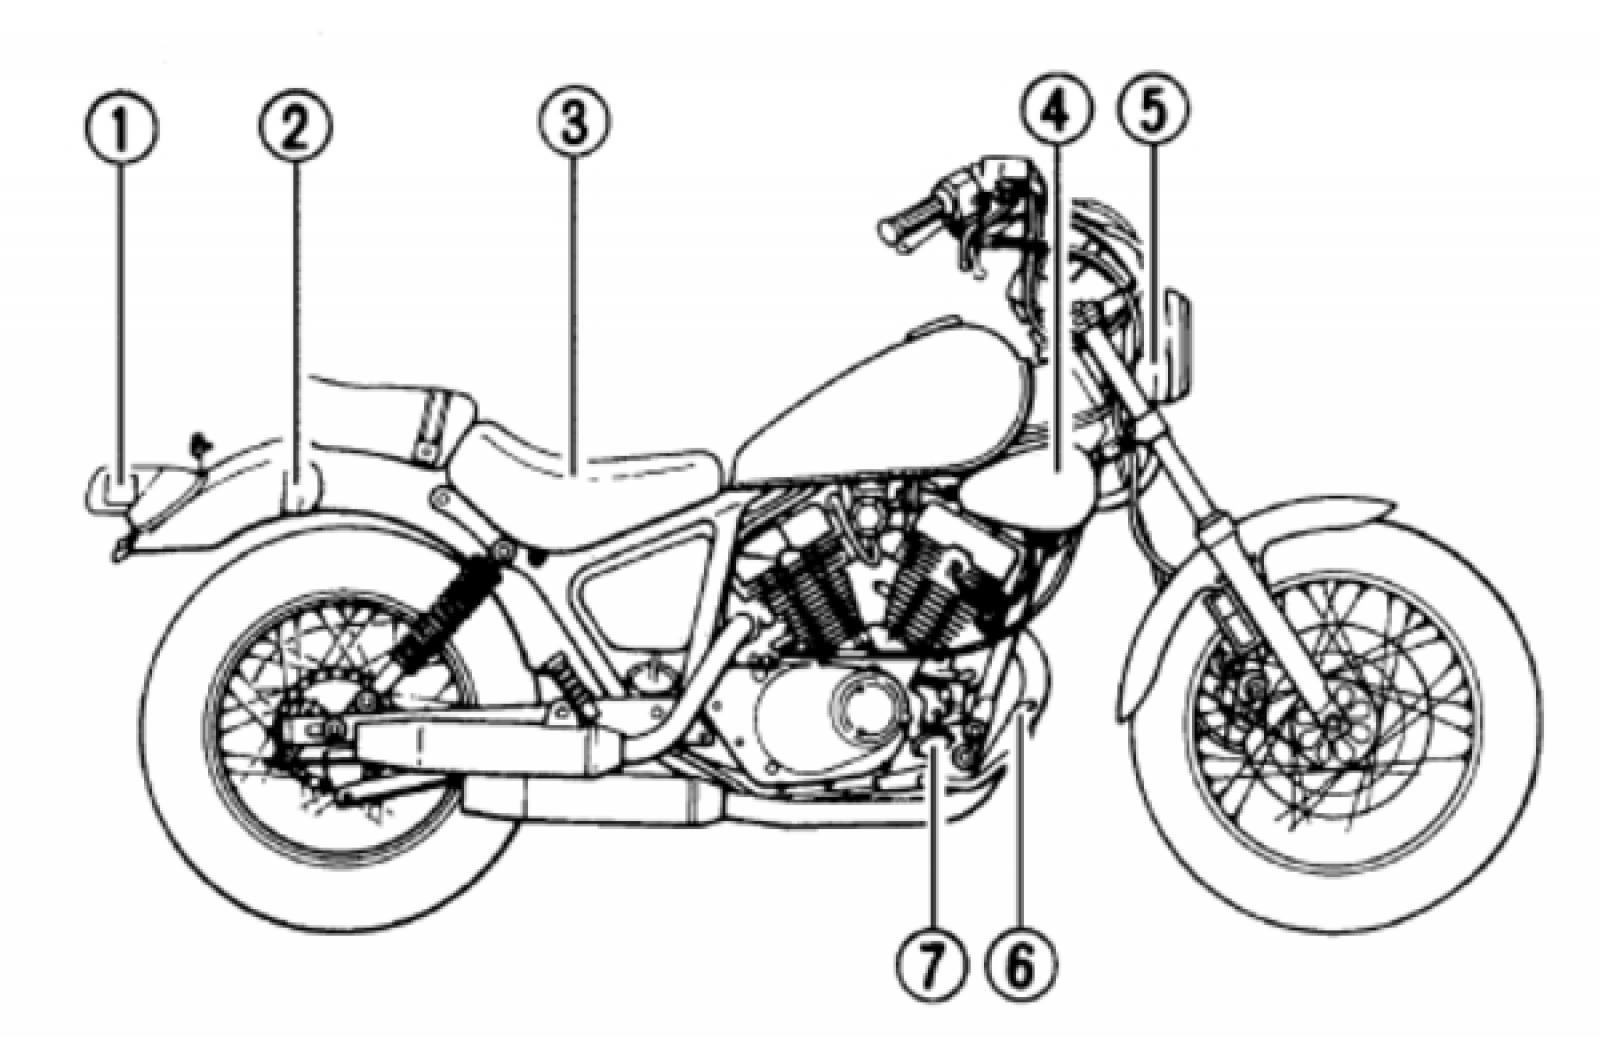 yamaha virago xv750 yamaha virago 750 wiring diagram yamaha virago